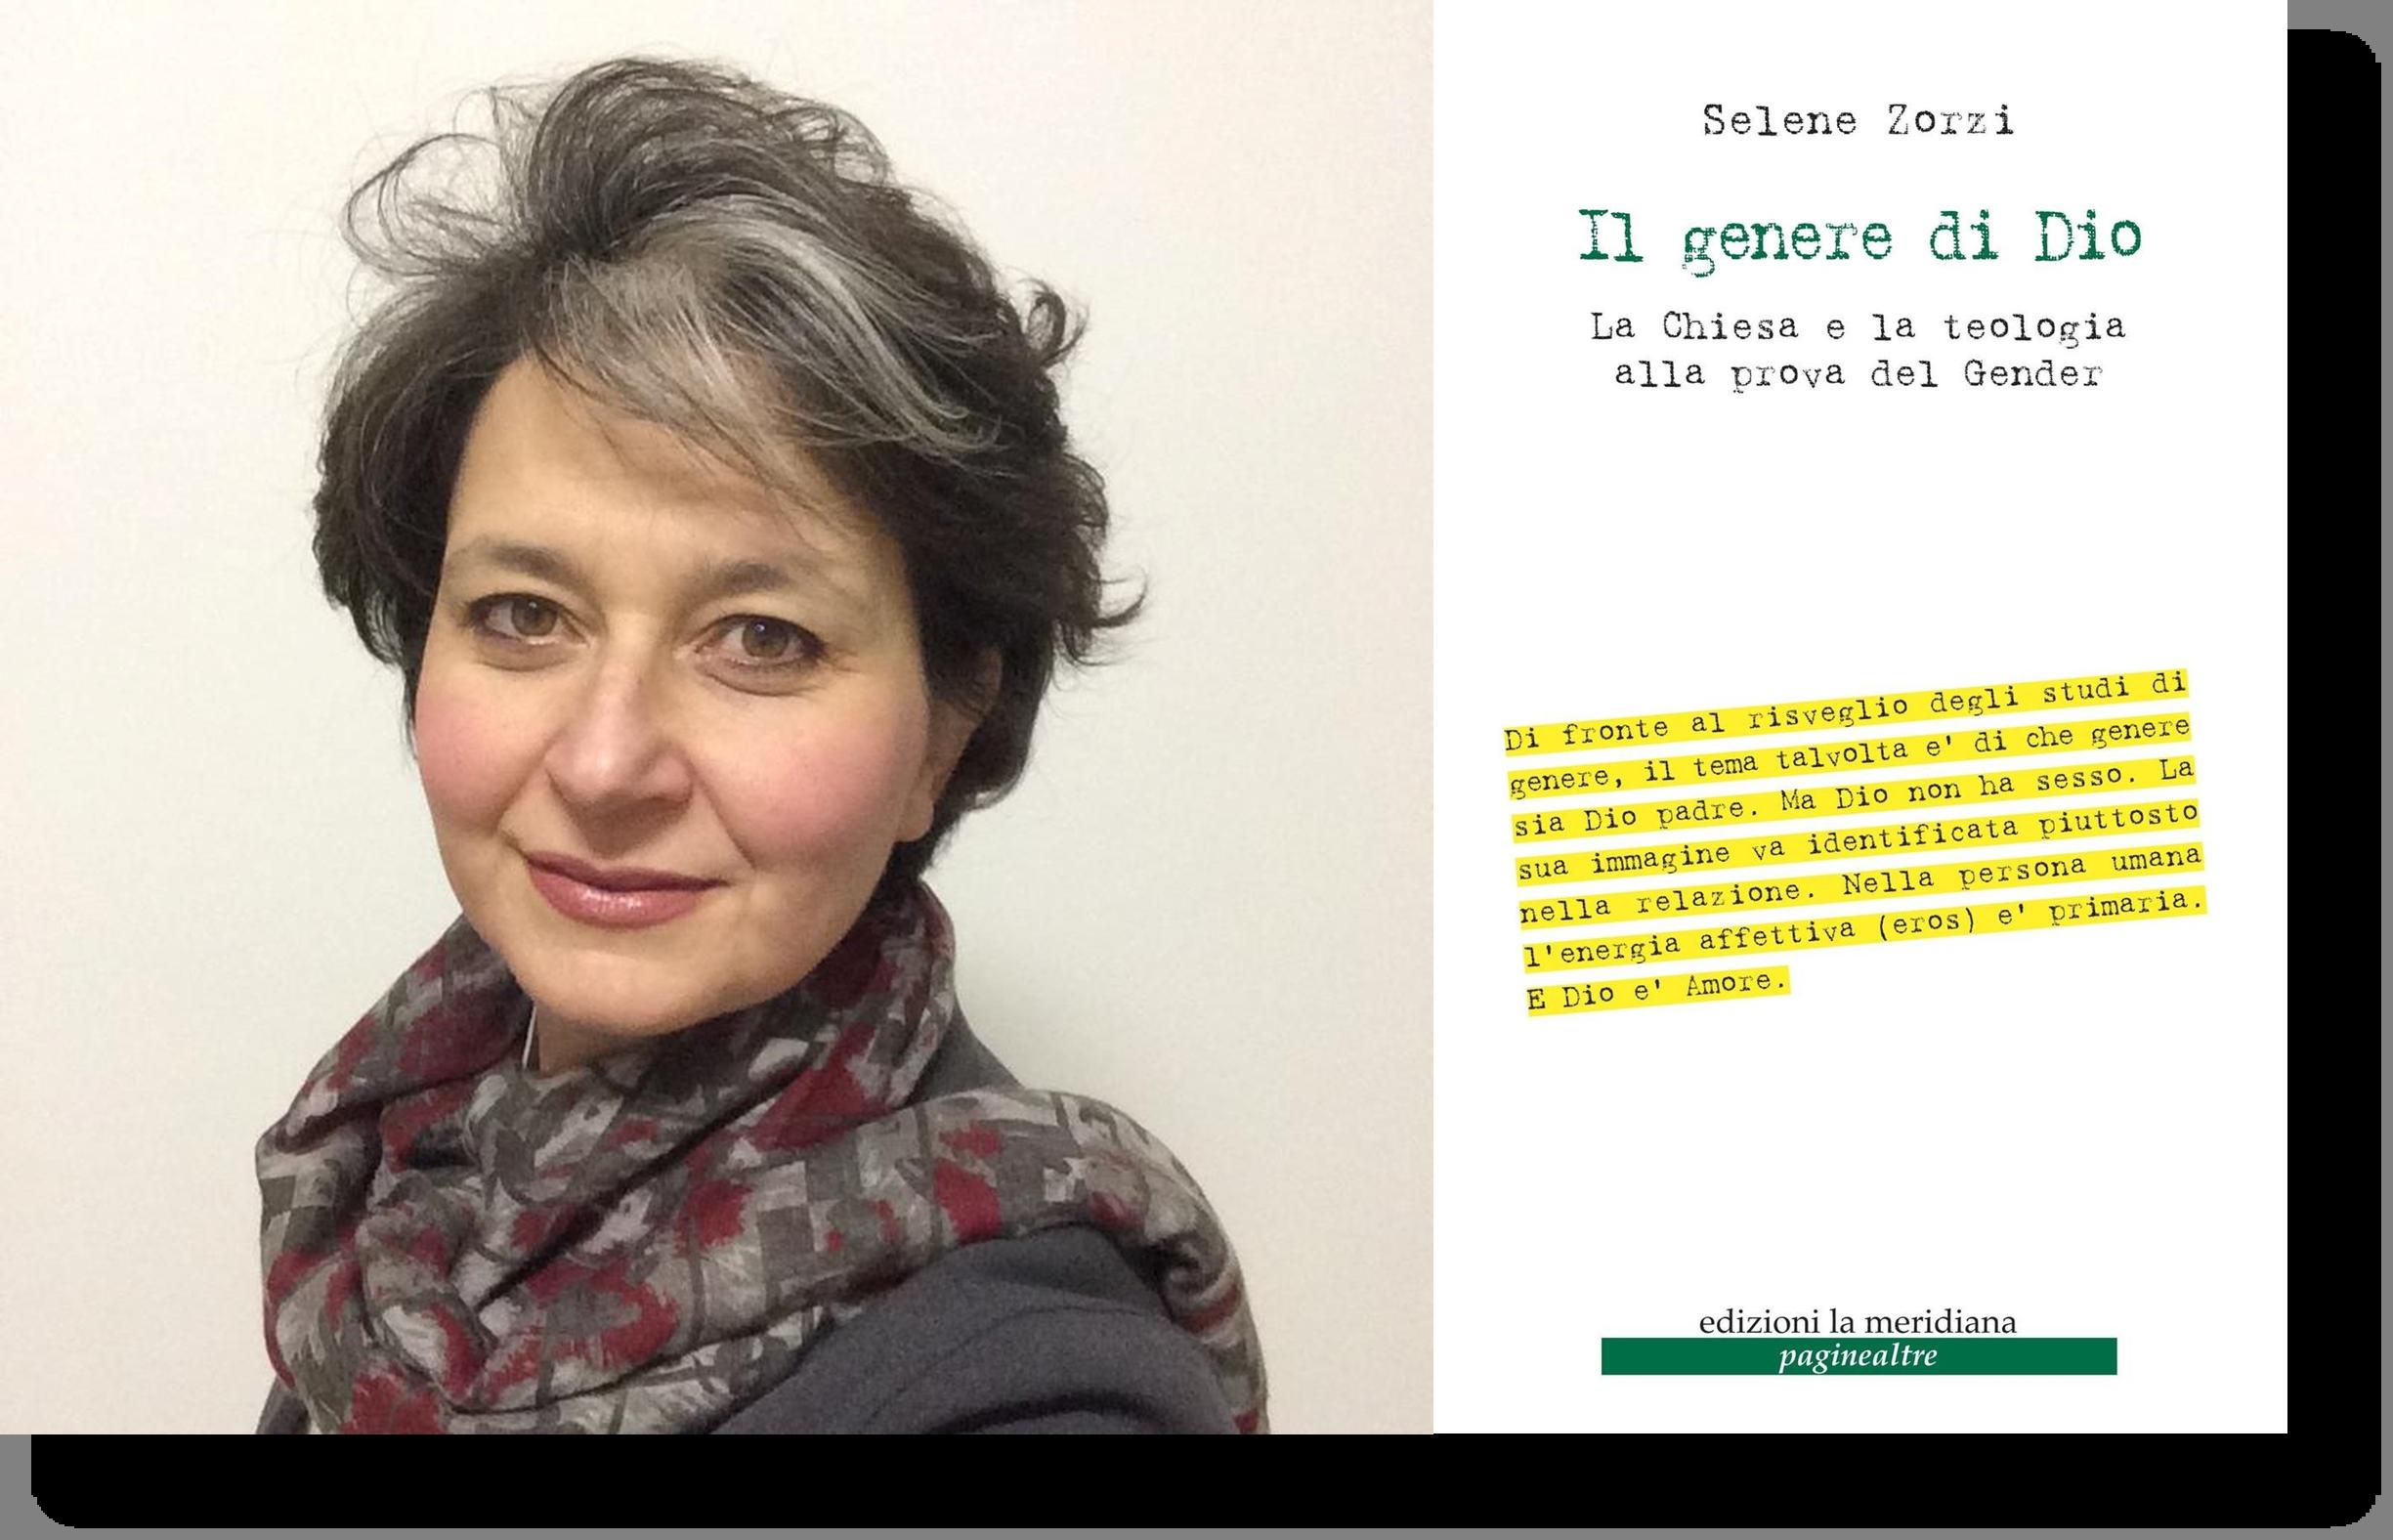 Resultado de imagem para Selene Zorzi teologa